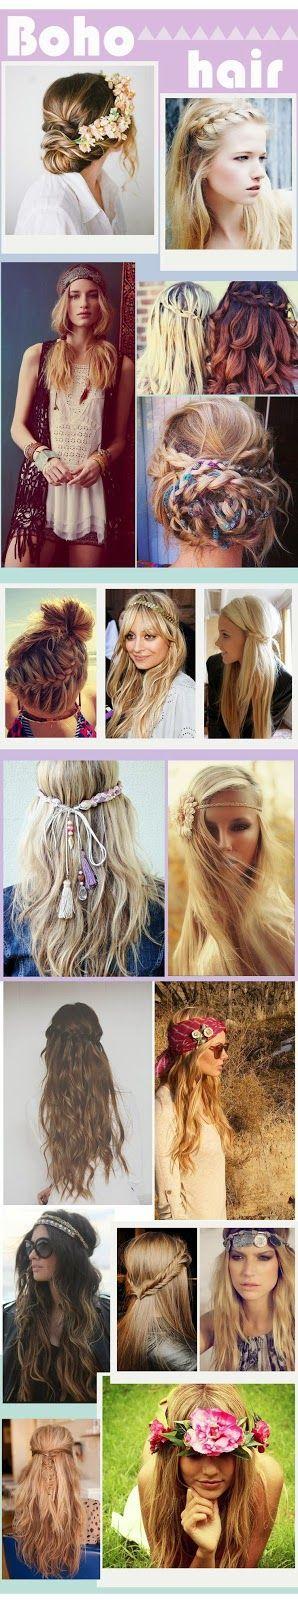 Boho Hair Style <3